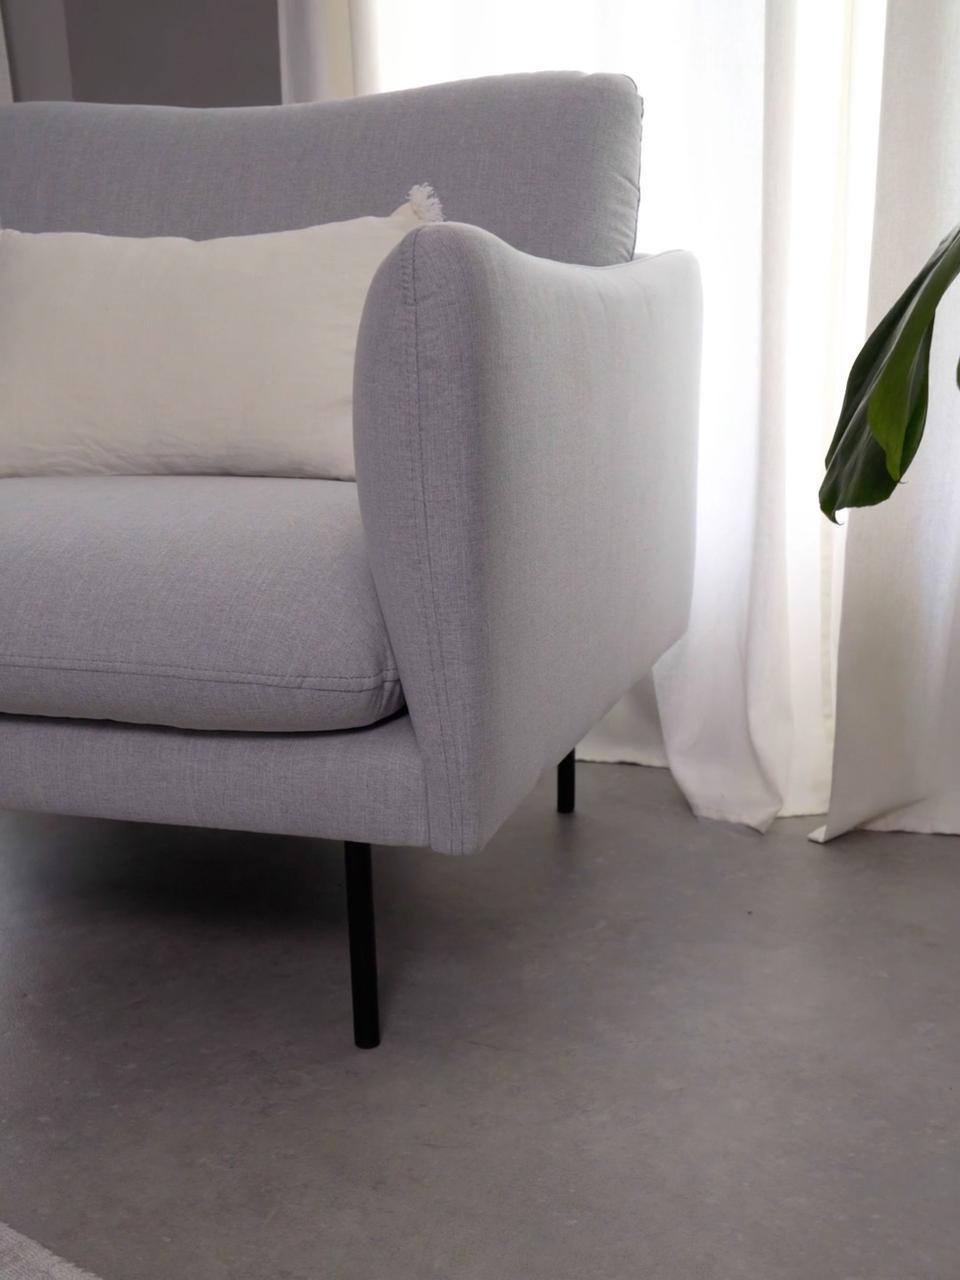 Fauteuil moderne gris clair Moby, Tissu gris clair